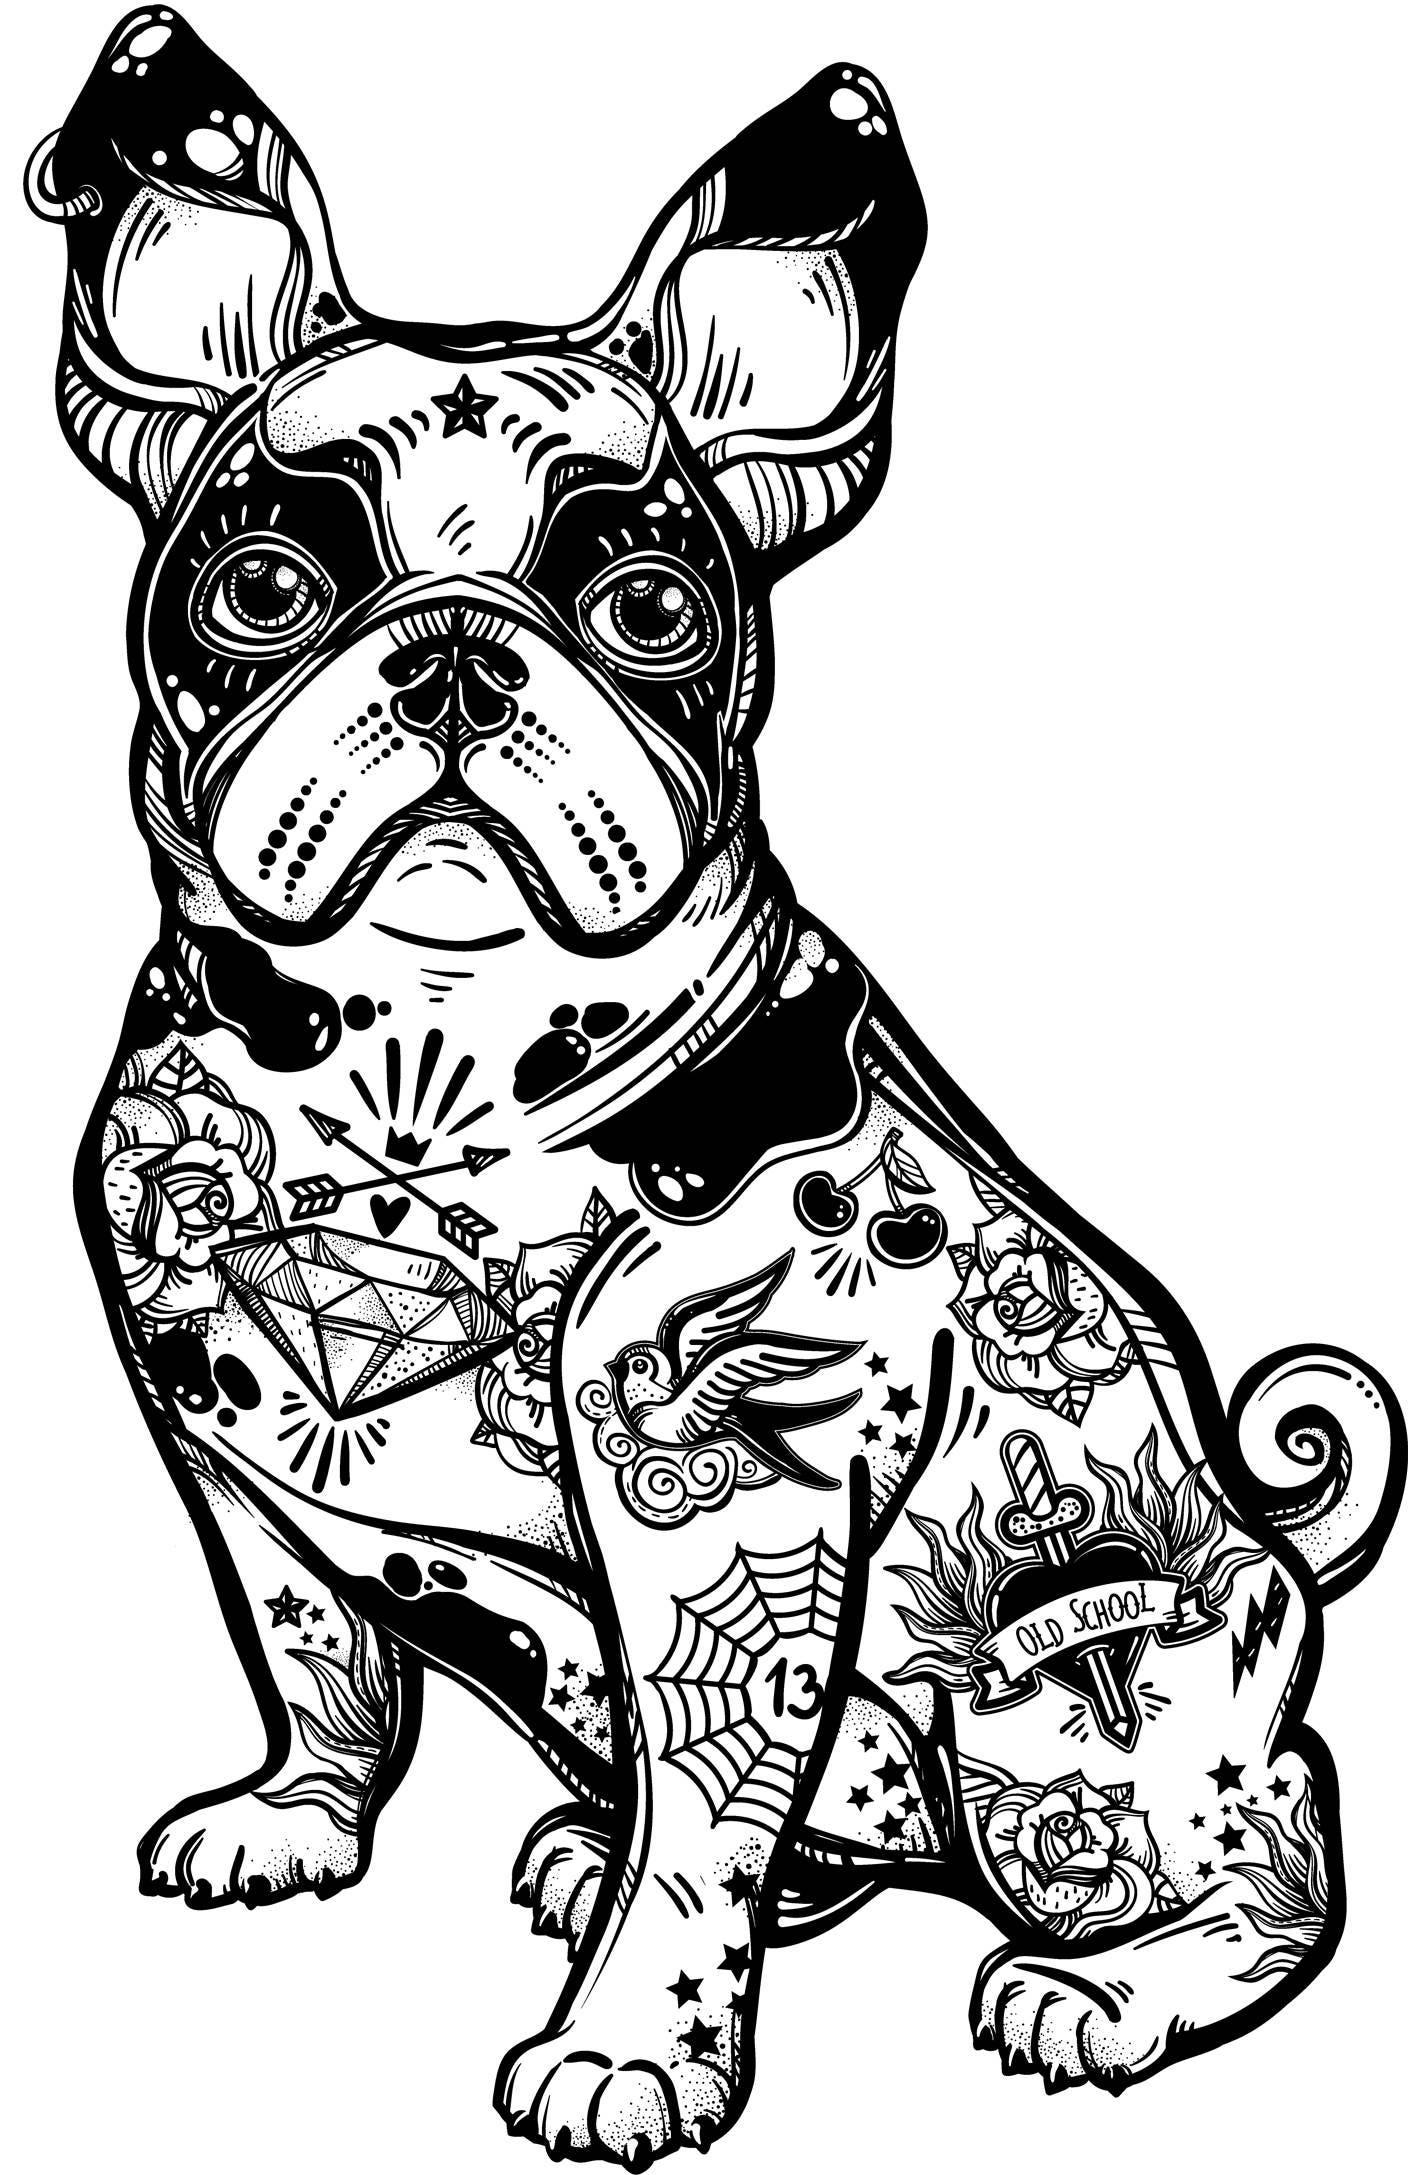 Boston Terrier, Flash Tattoo Art, Boston Terrier Art, Tattoo Art, Hipster,